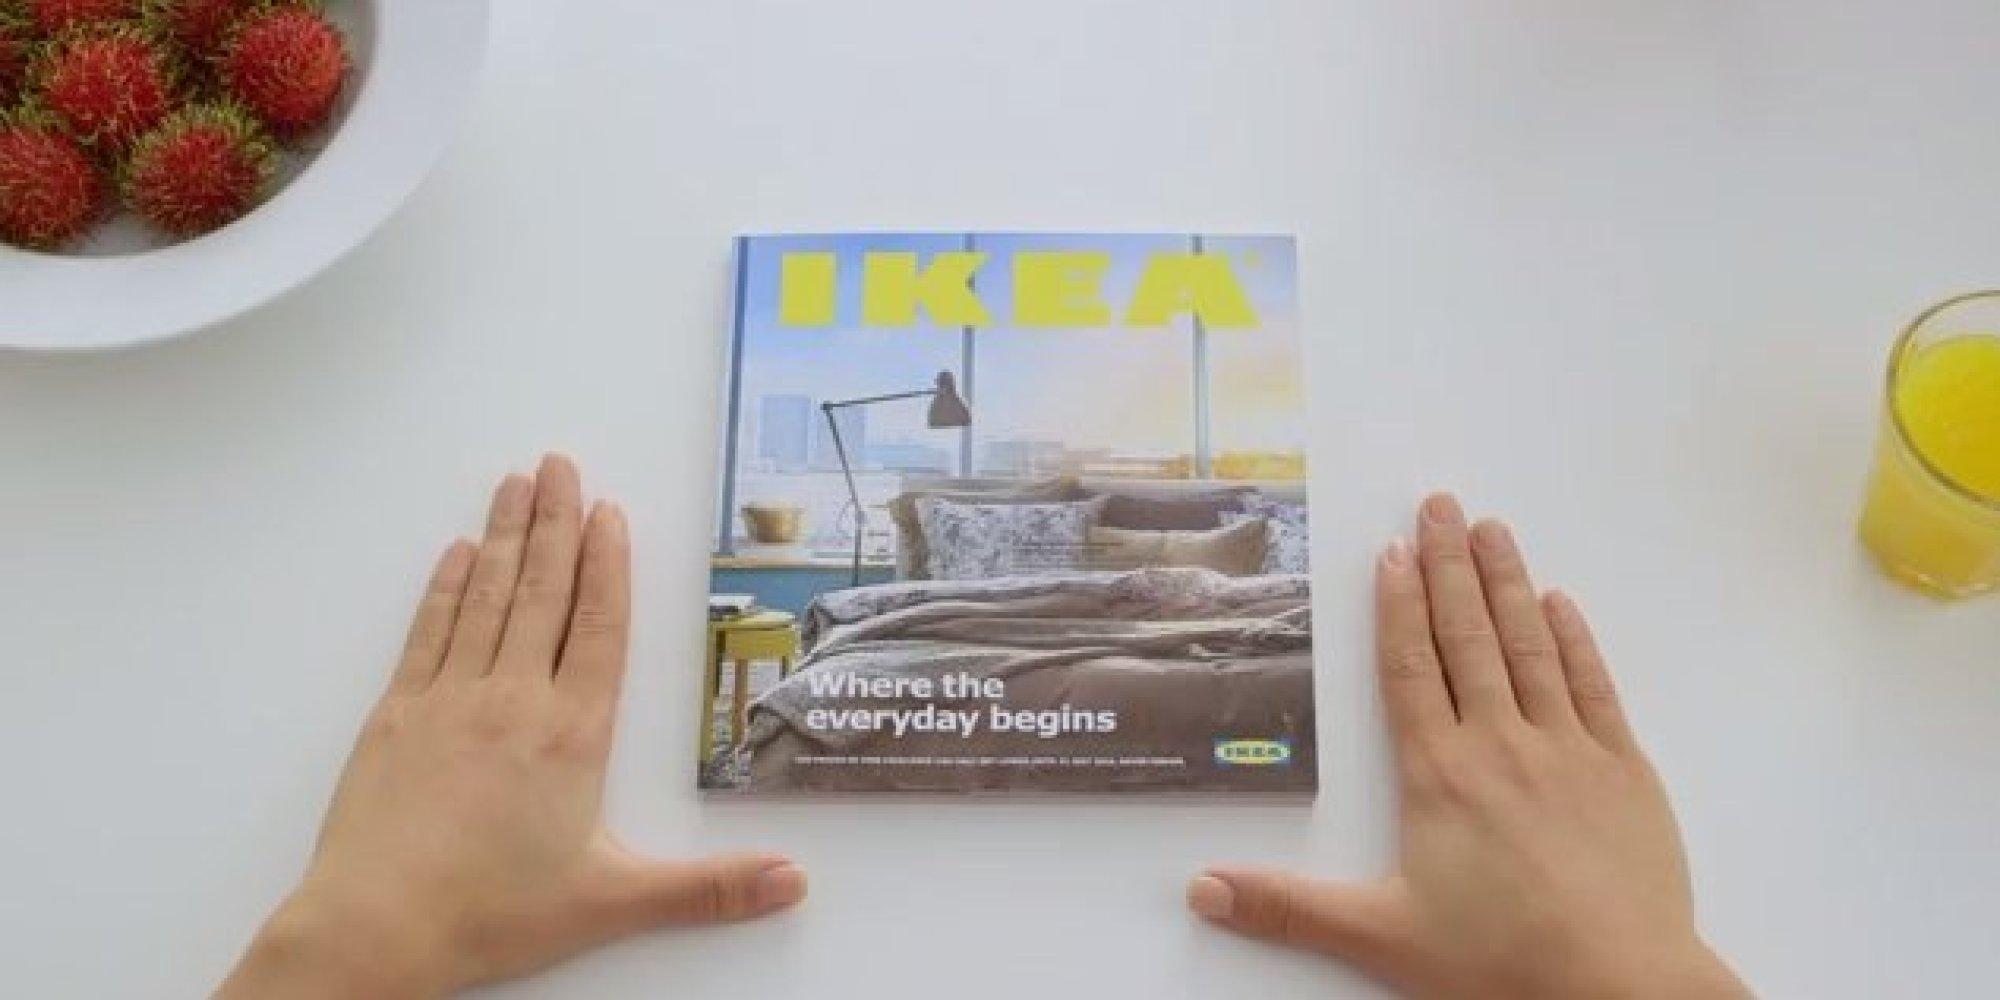 IKEAの広告がAppleのパロディになっていて革新的(動画)